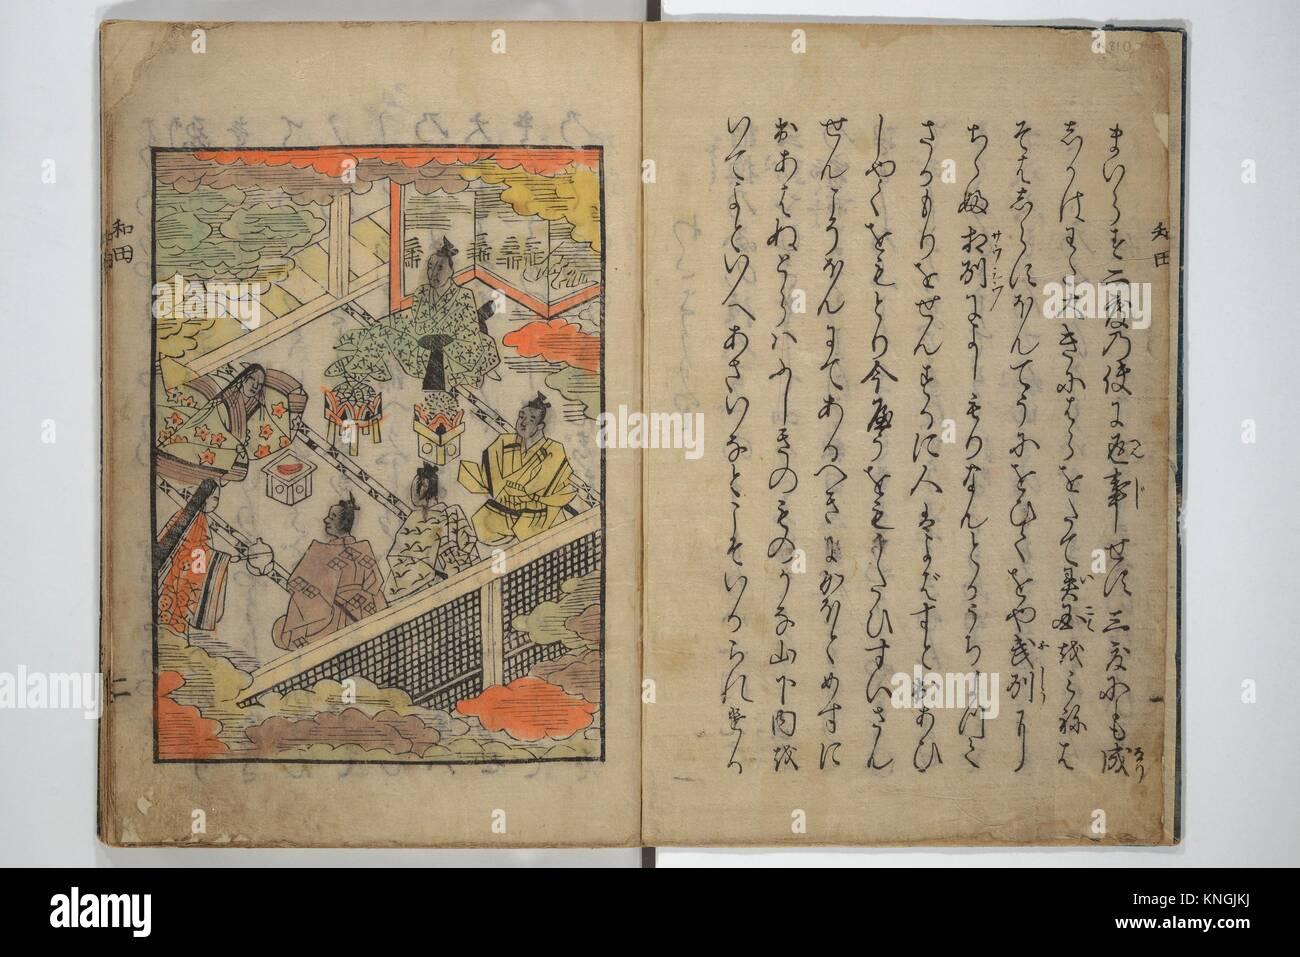 Ein Album aus der Sammlung vom Kochoshusai (Die Höflichkeit Namen des angegebenen Collector) (Kochoshusai shozo Stockbild